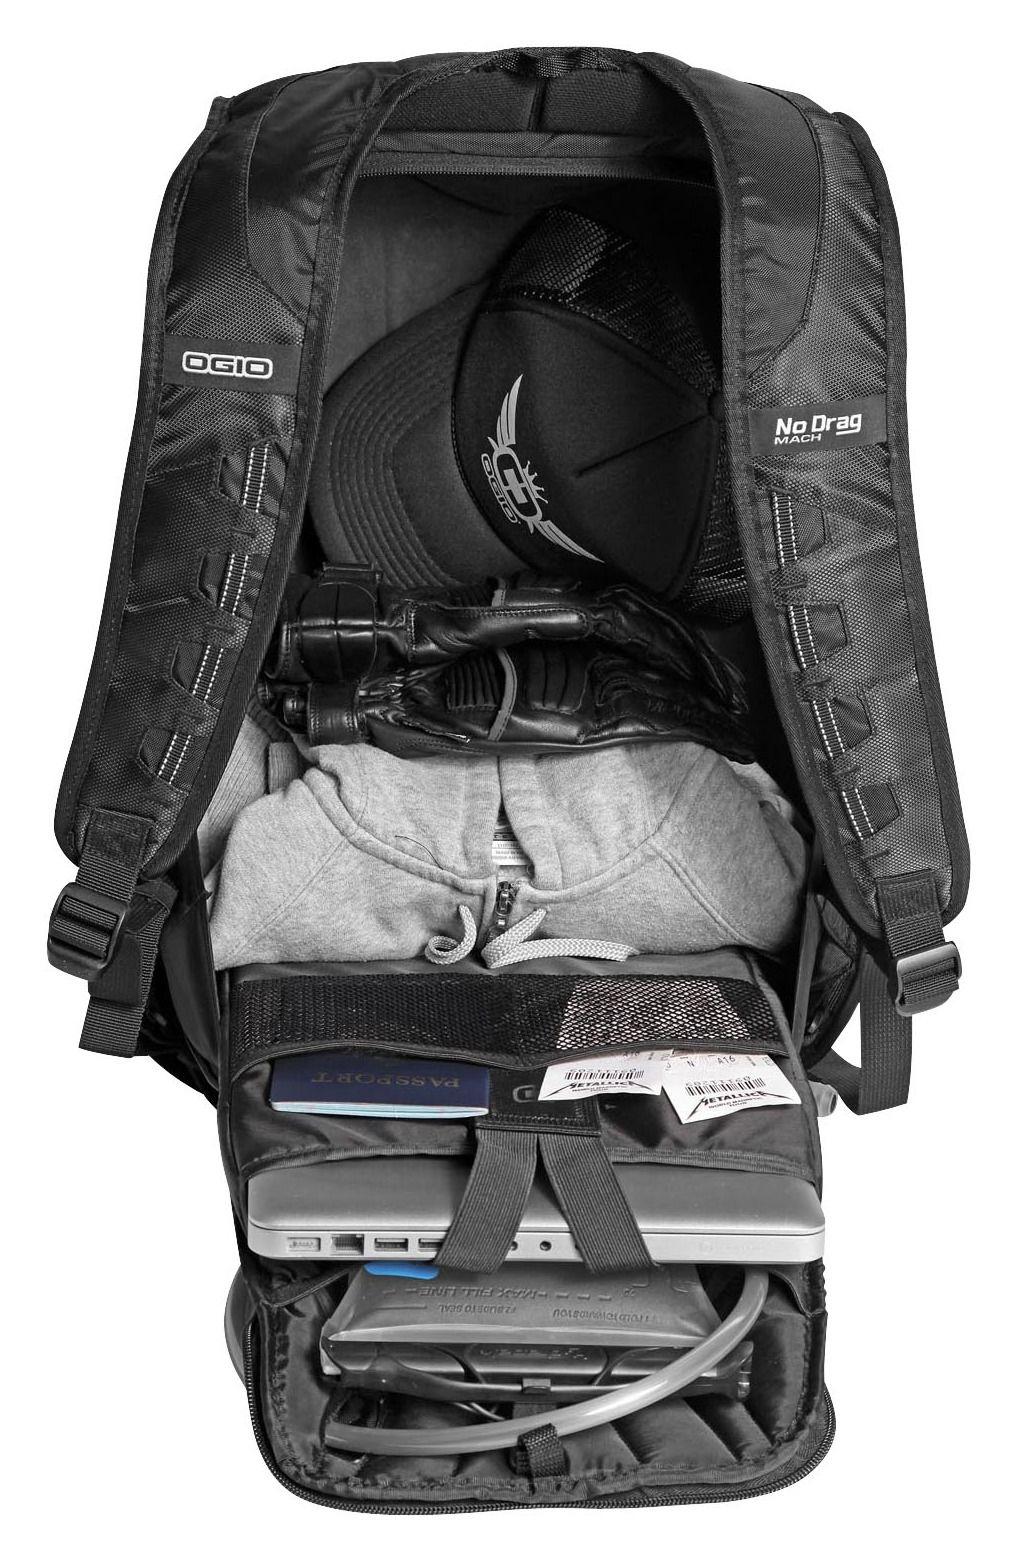 OGIO No Drag Mach 1 Backpack - RevZilla 982b78554c57f